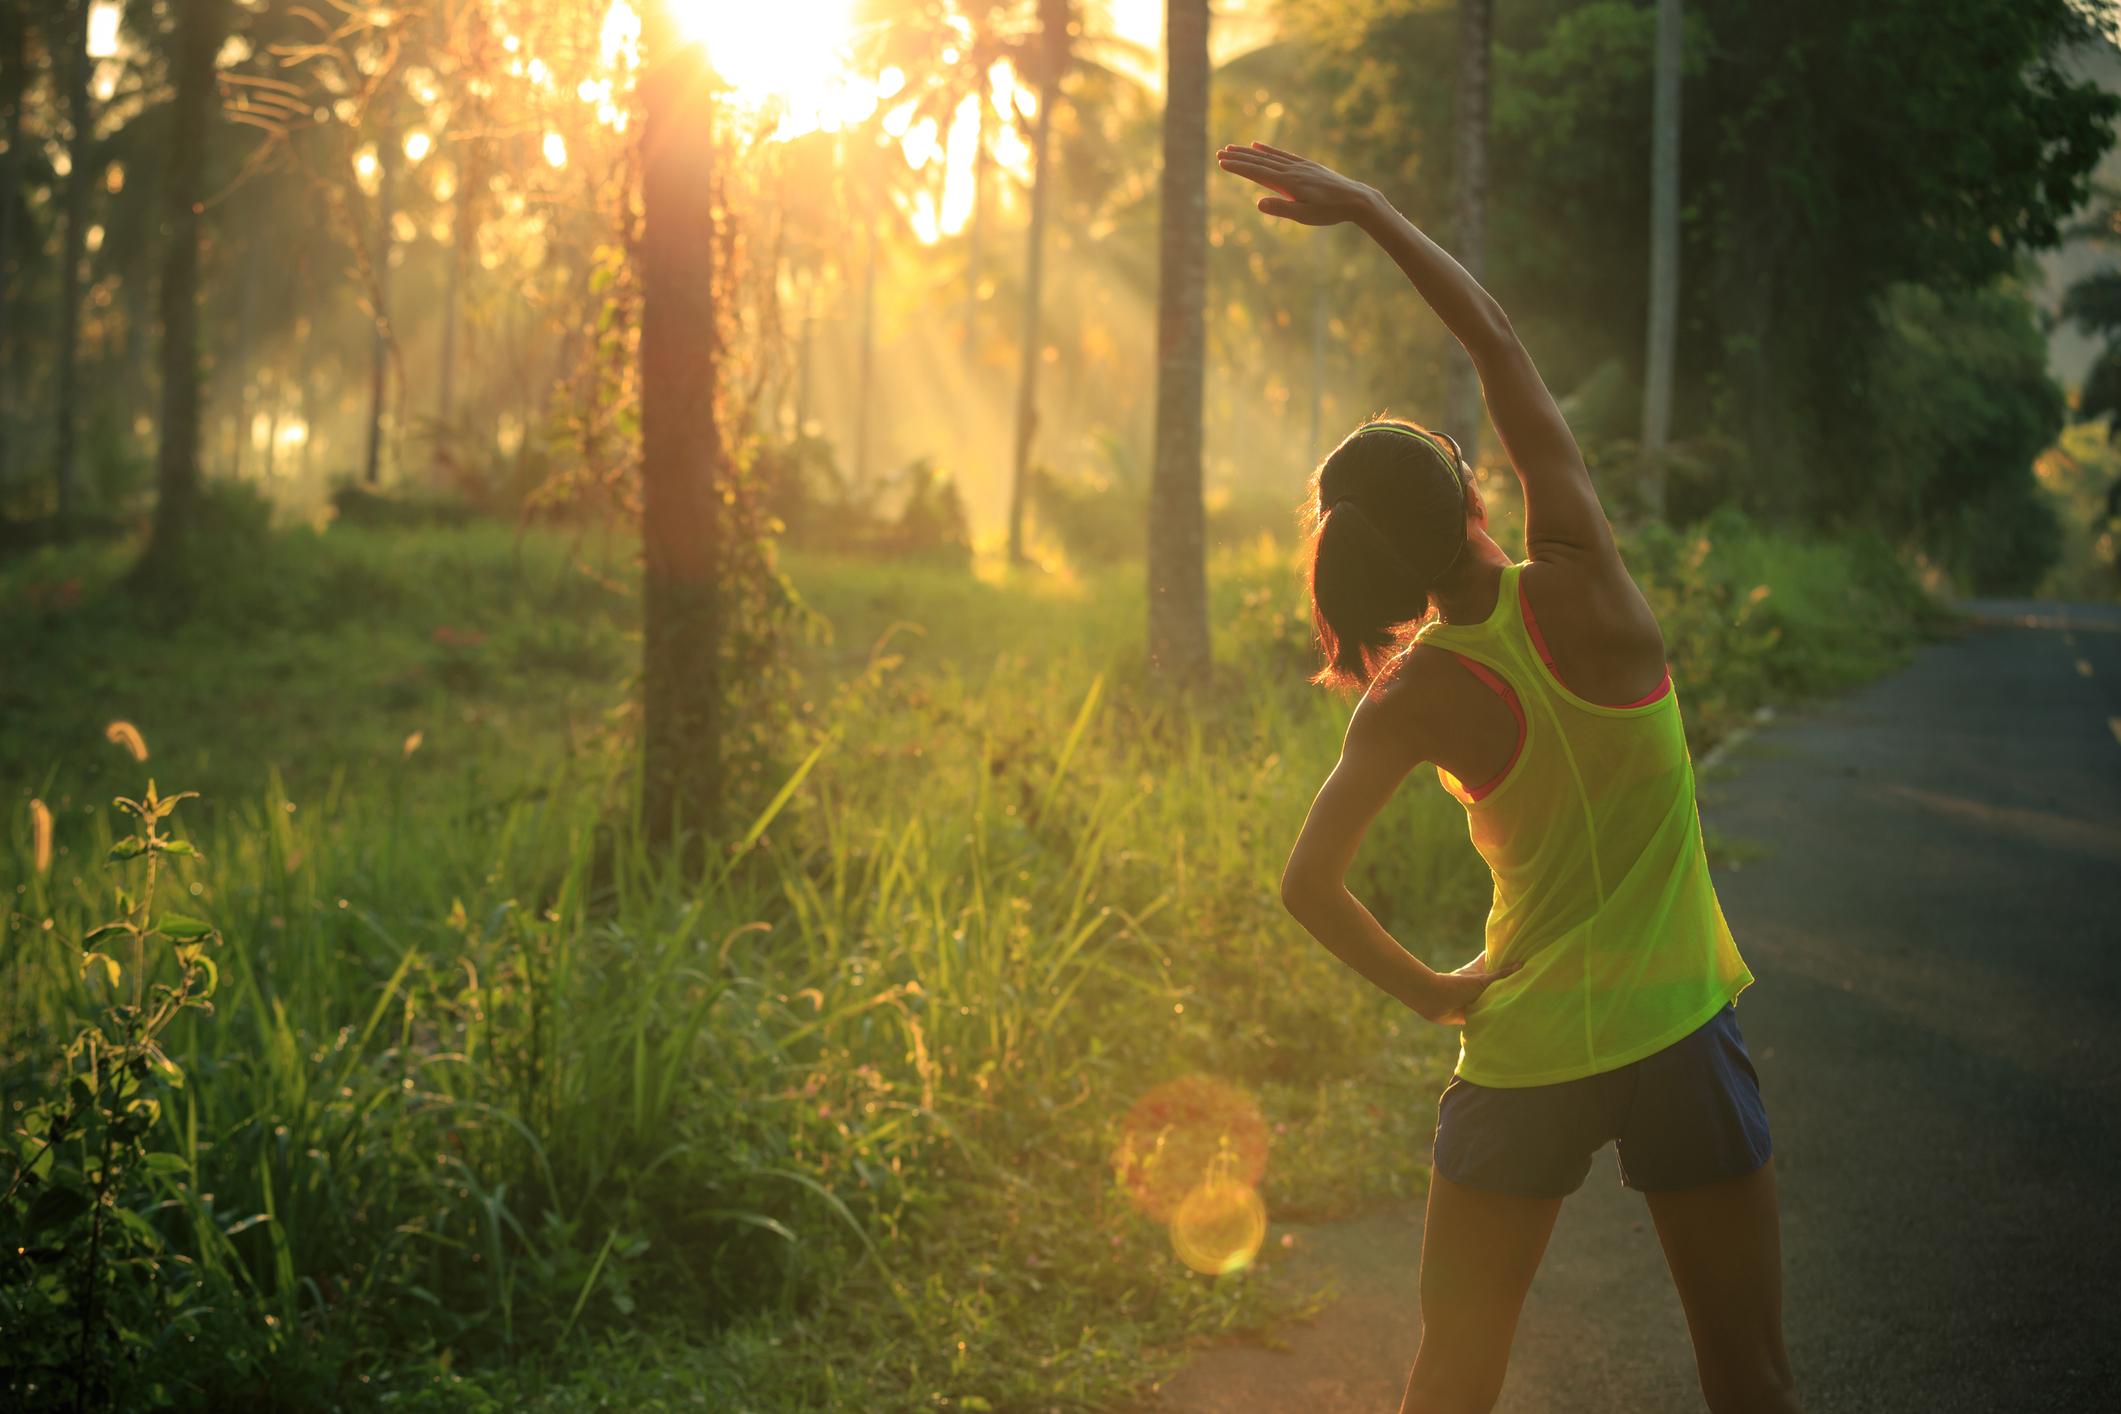 Durante as fériasé comum que as pessoasacostumadas apraticar esportes ou atividades físicas deixem de lado esses hábitos.